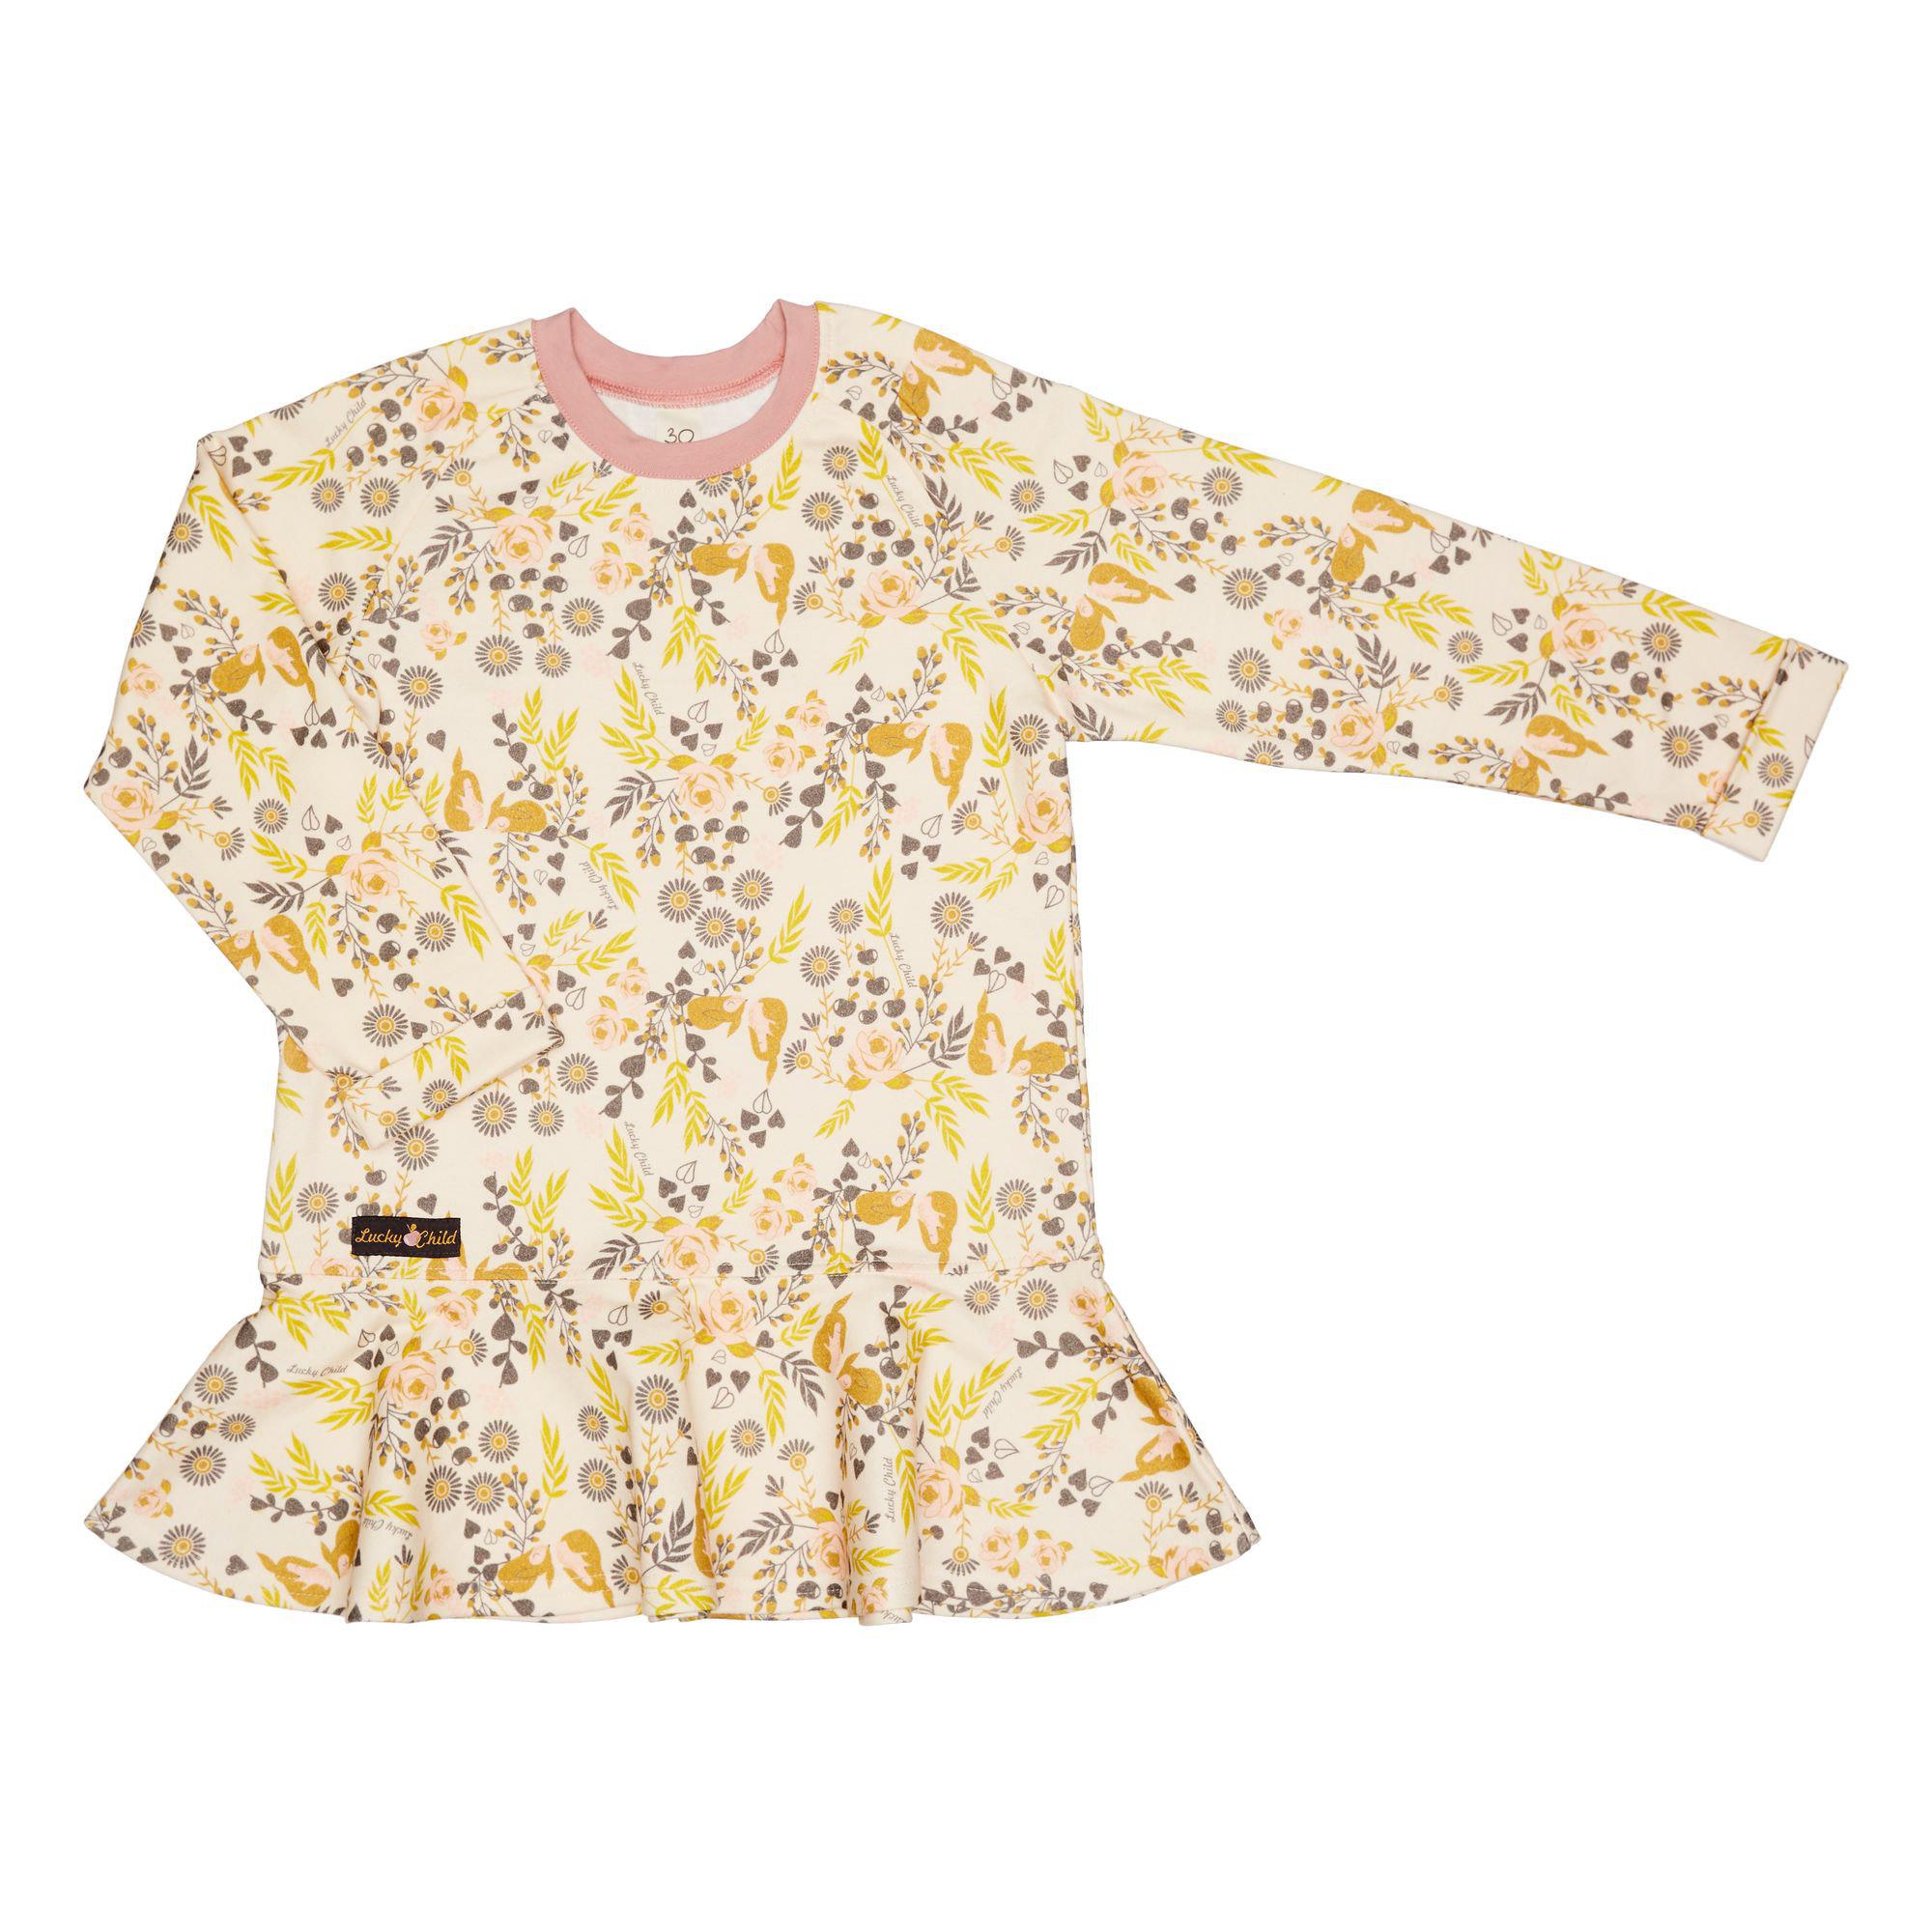 Платье Lucky Child Осенний лес футер цветное 128-134